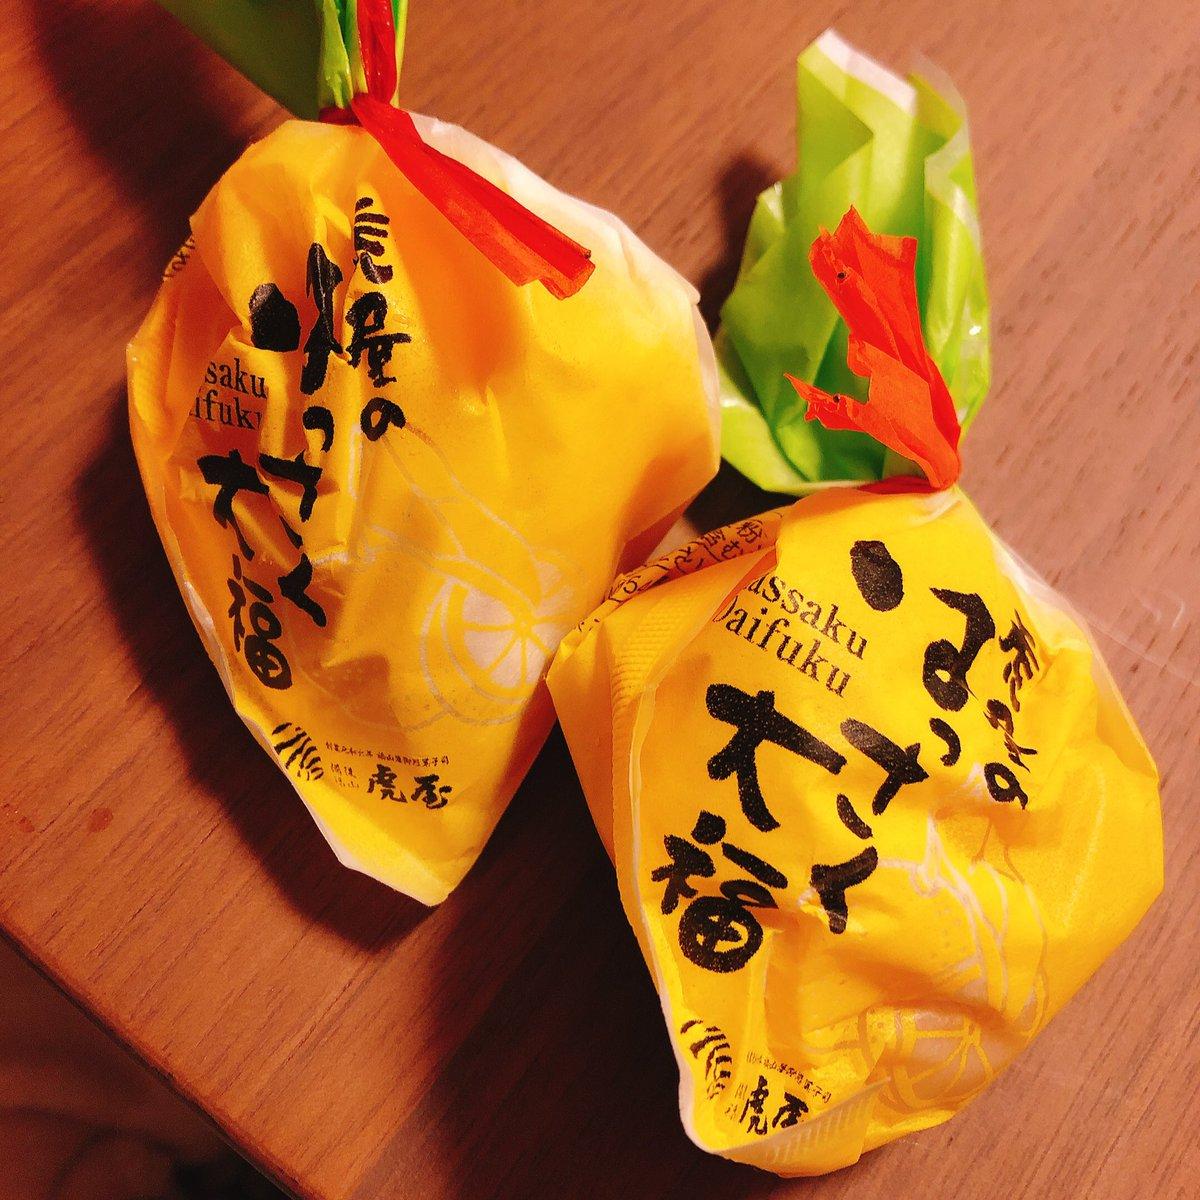 test ツイッターメディア - あ、これも😋  広島のこの時期のスウィーツといえばはっさく大福よね🍊 TAUで売ってるのとは違うお店のだけどこれも美味しかった💞 https://t.co/T9drQ1Tkso